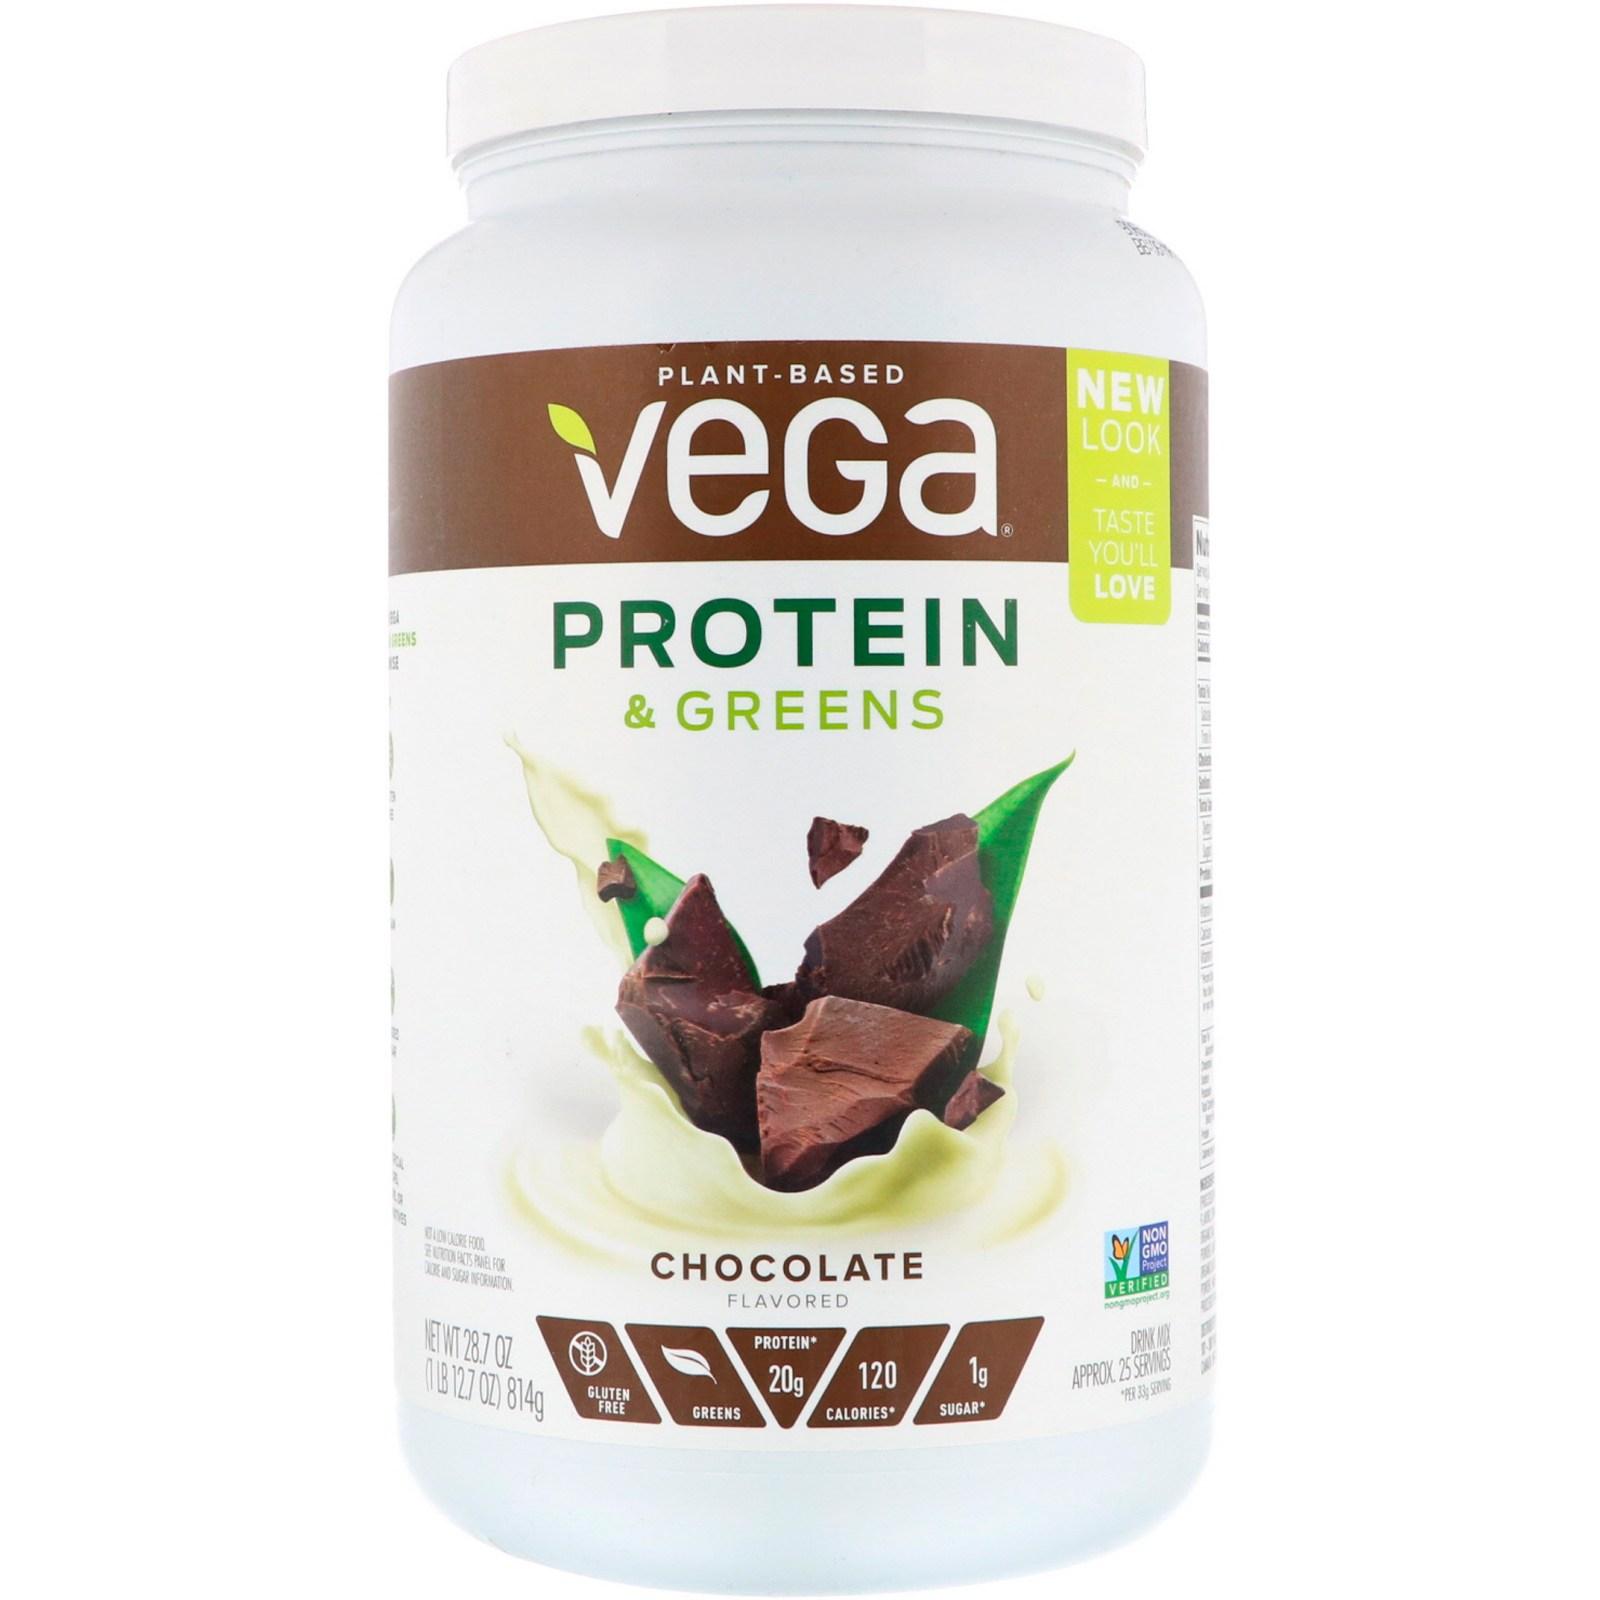 베가 프로틴 & 식물성 초콜릿 맛 28.7 oz 814g 식물성 단백질, 1개, -